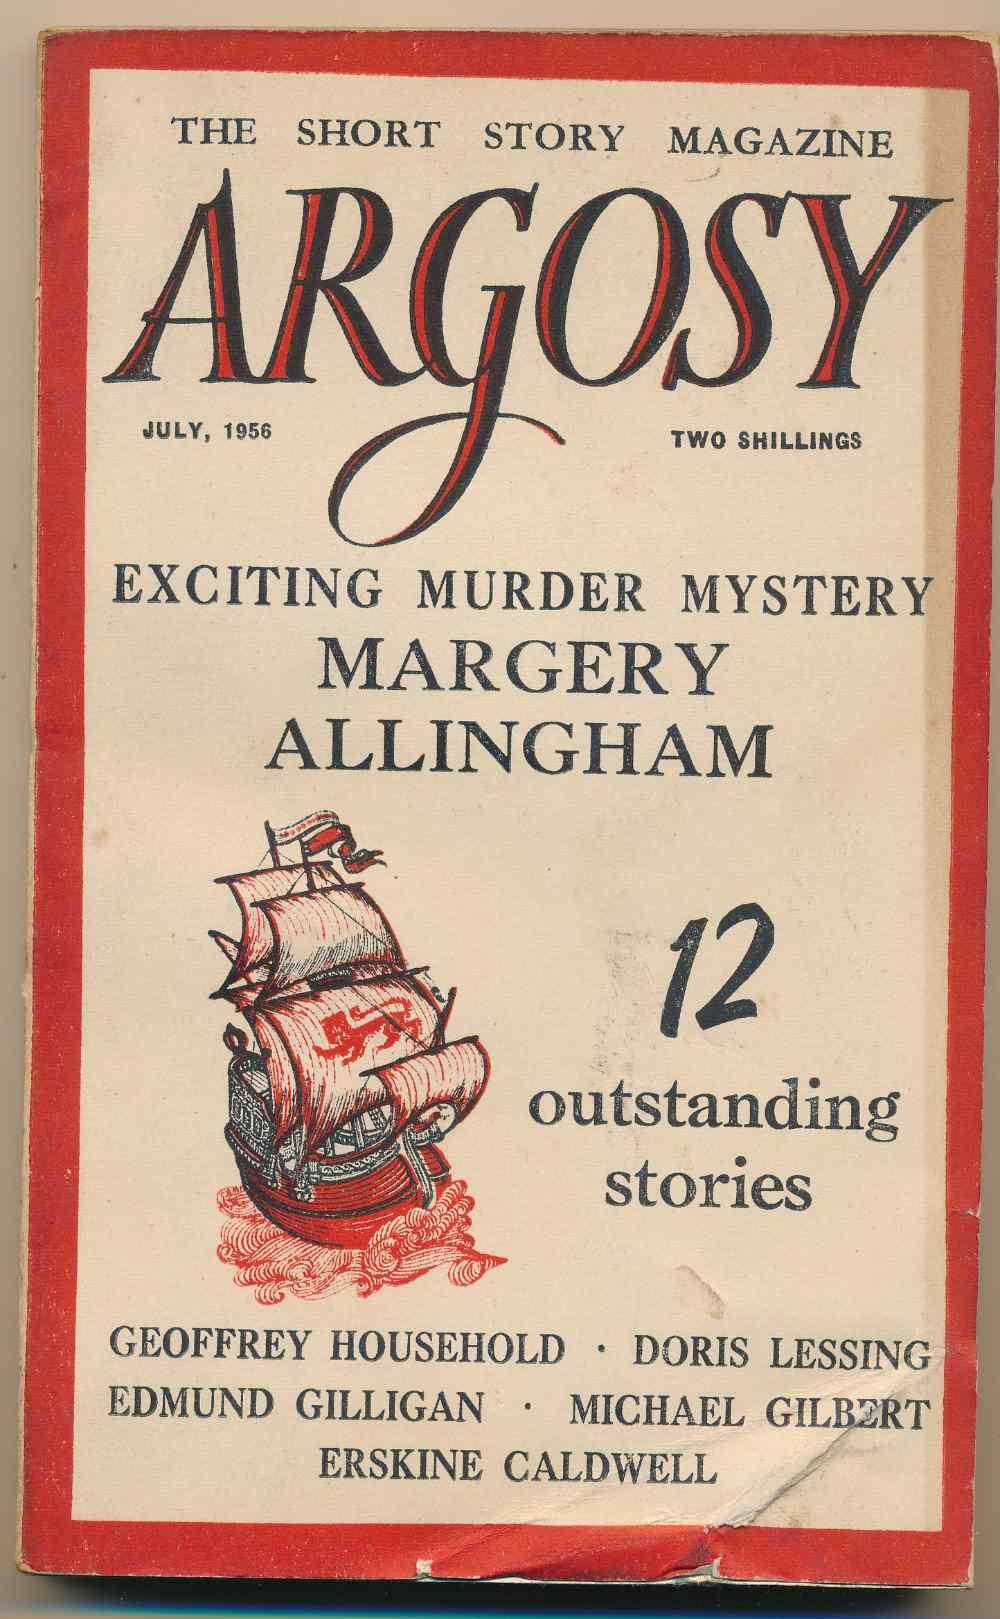 Argosy (UK)